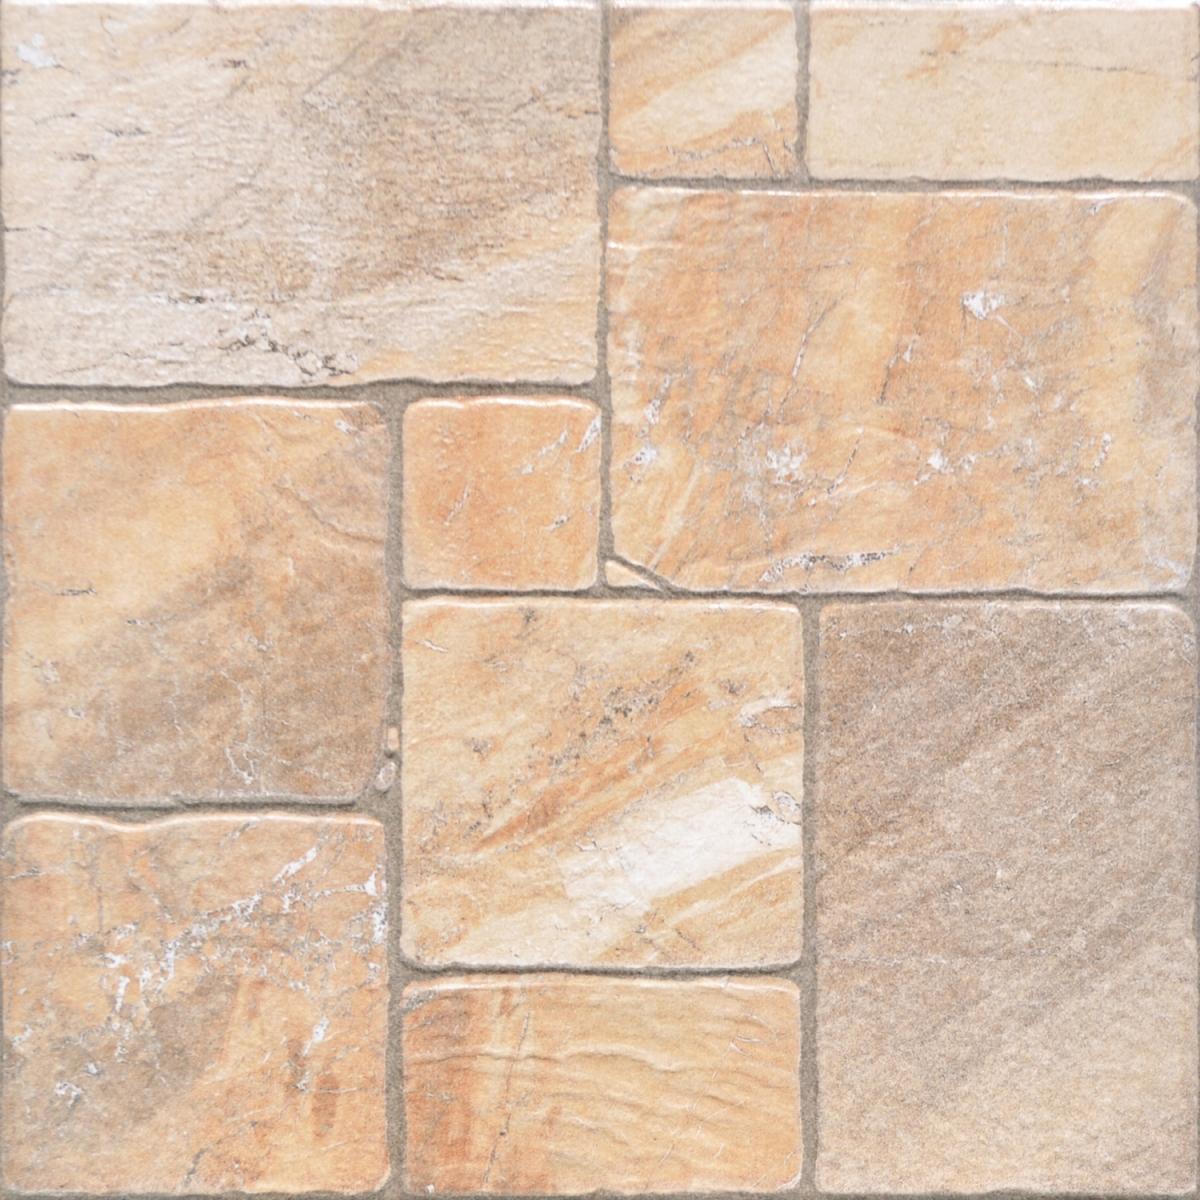 design 地板材质图片展示_地板材质相关图片下载  室外地砖贴图图片